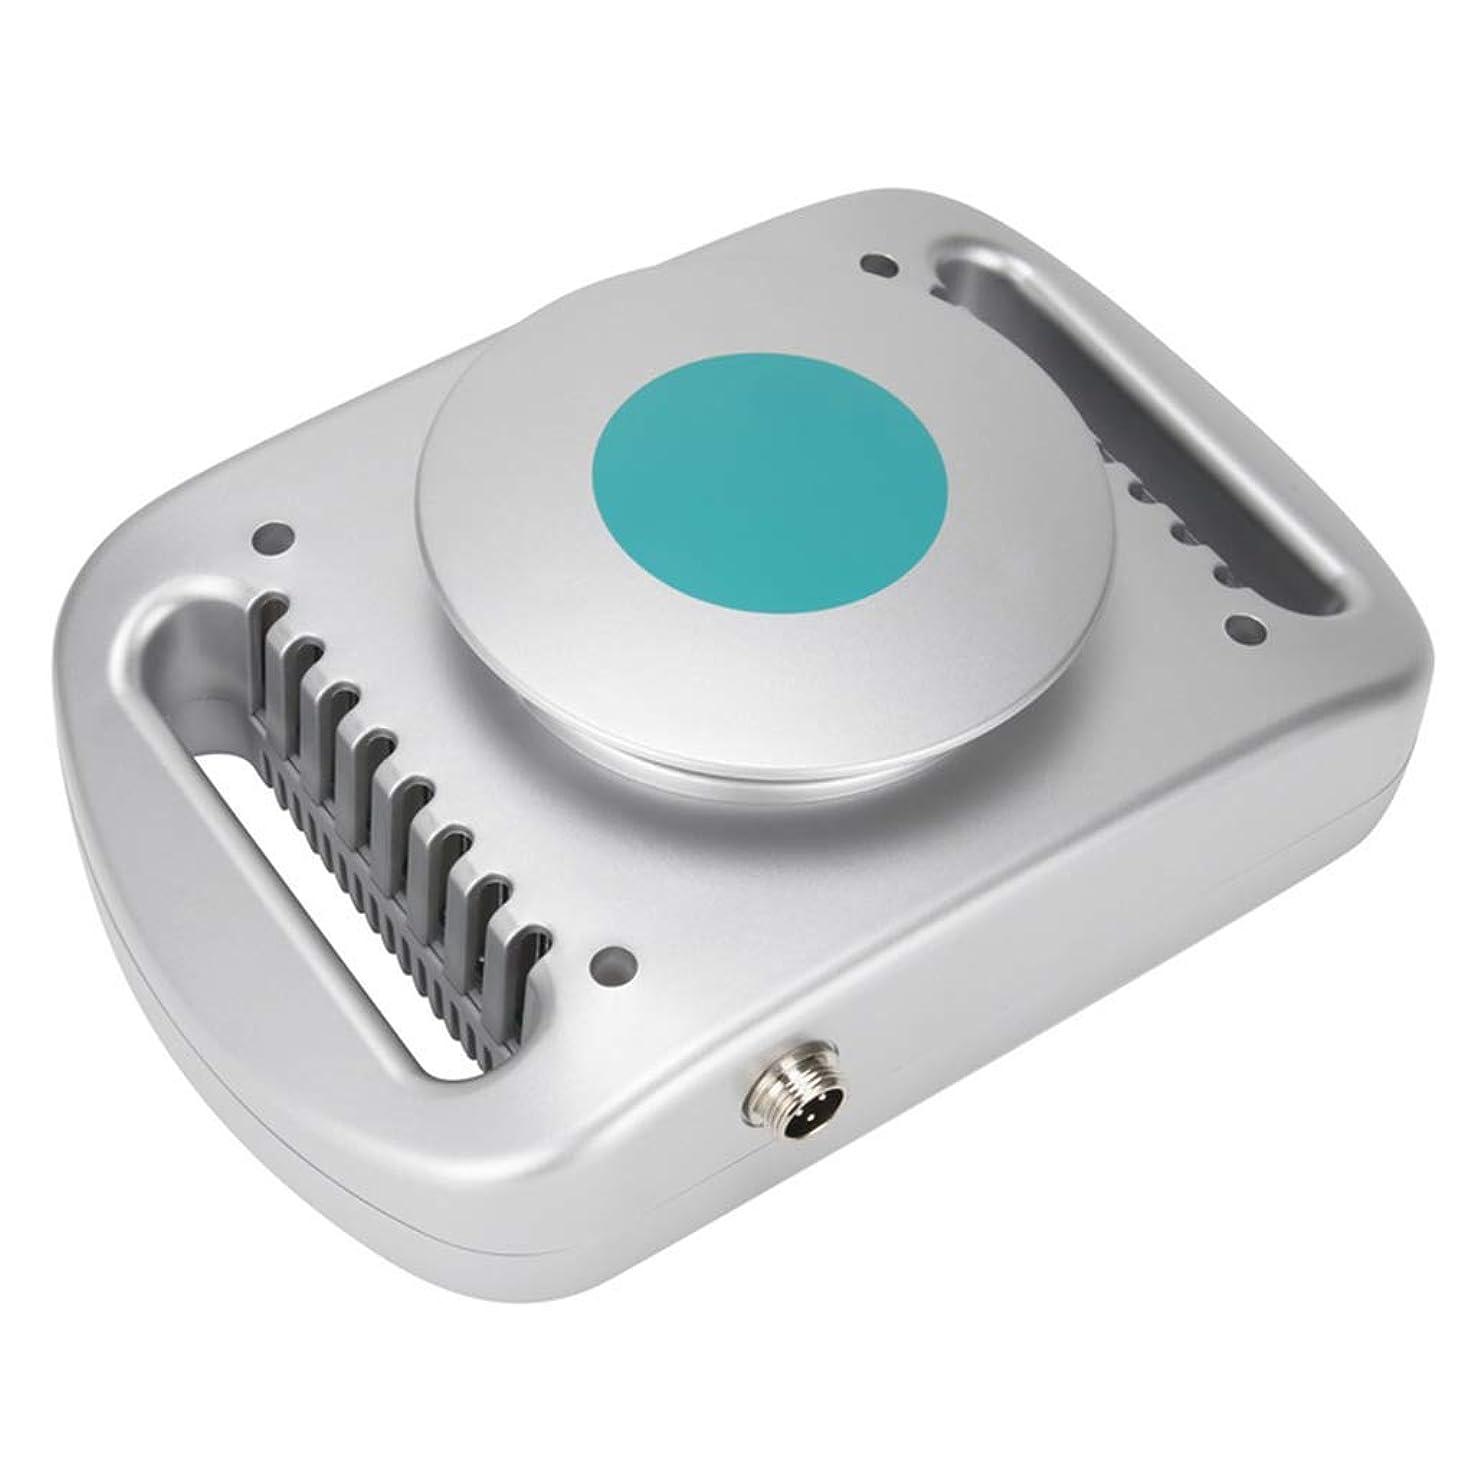 ハイライト強制ちっちゃい美容機器、冷凍脂肪除去装置、冷凍脂肪除去機、冷凍庫美容器具、冷凍庫整形器具、腰の頬上部に使用